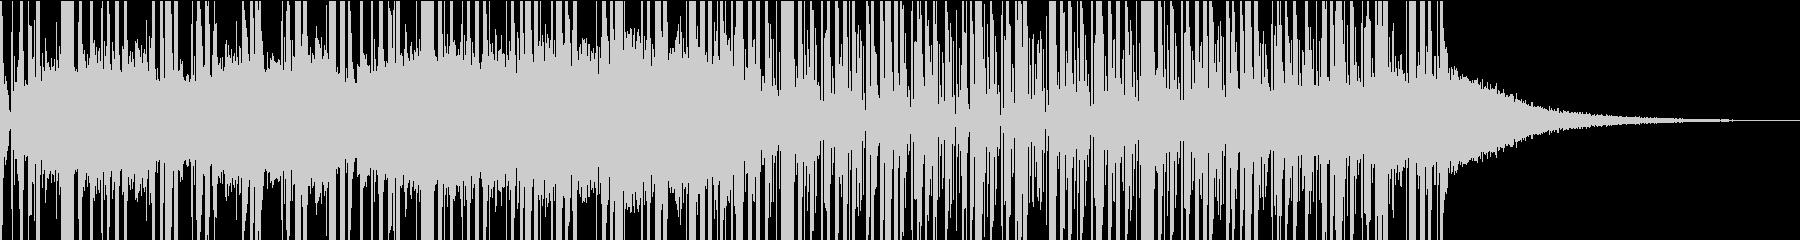 実験的な バトル 焦り ドラマチッ...の未再生の波形